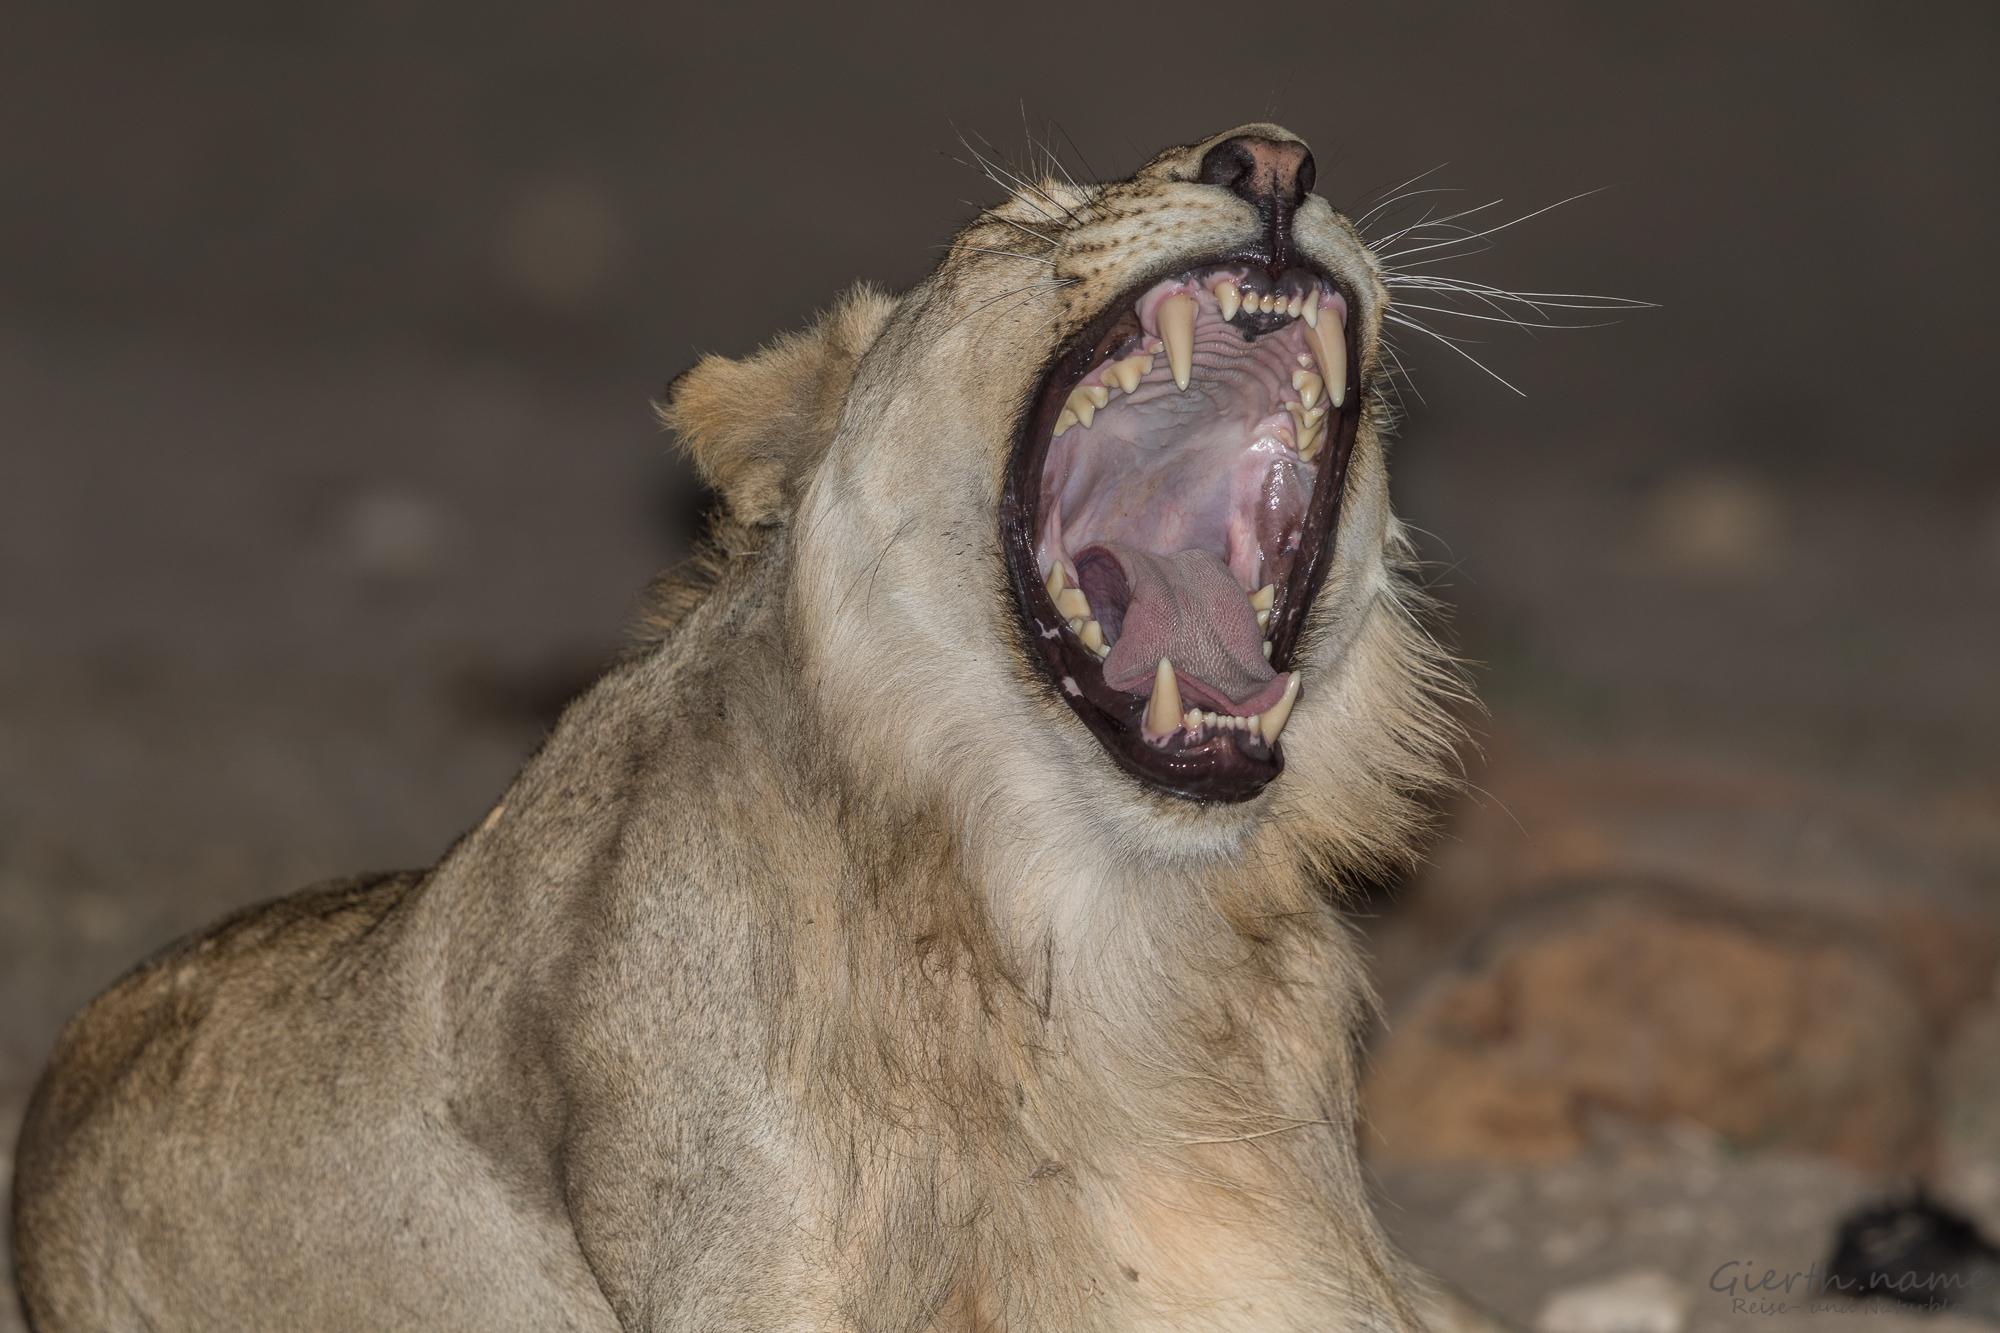 Löwe gähnt bei Nacht